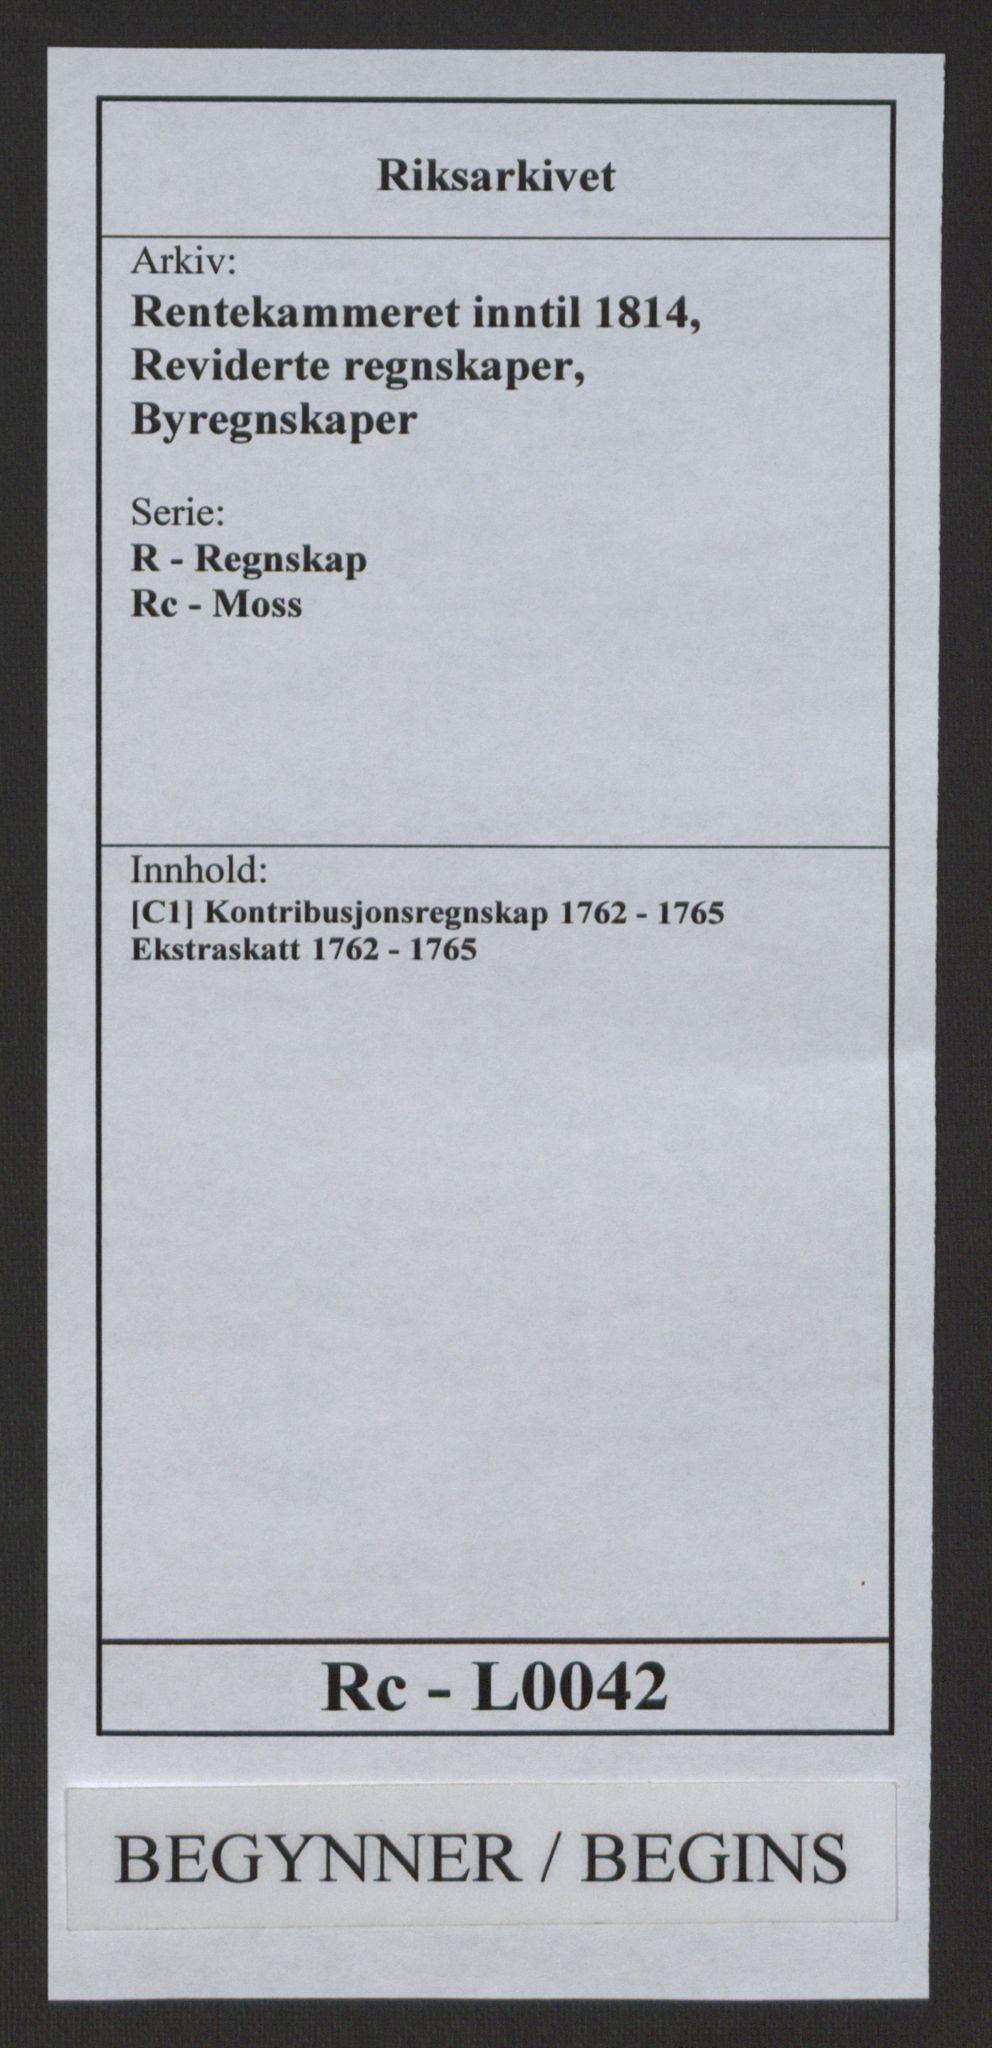 RA, Rentekammeret inntil 1814, Reviderte regnskaper, Byregnskaper, R/Rc/L0042: [C1] Kontribusjonsregnskap, 1762-1765, s. 1